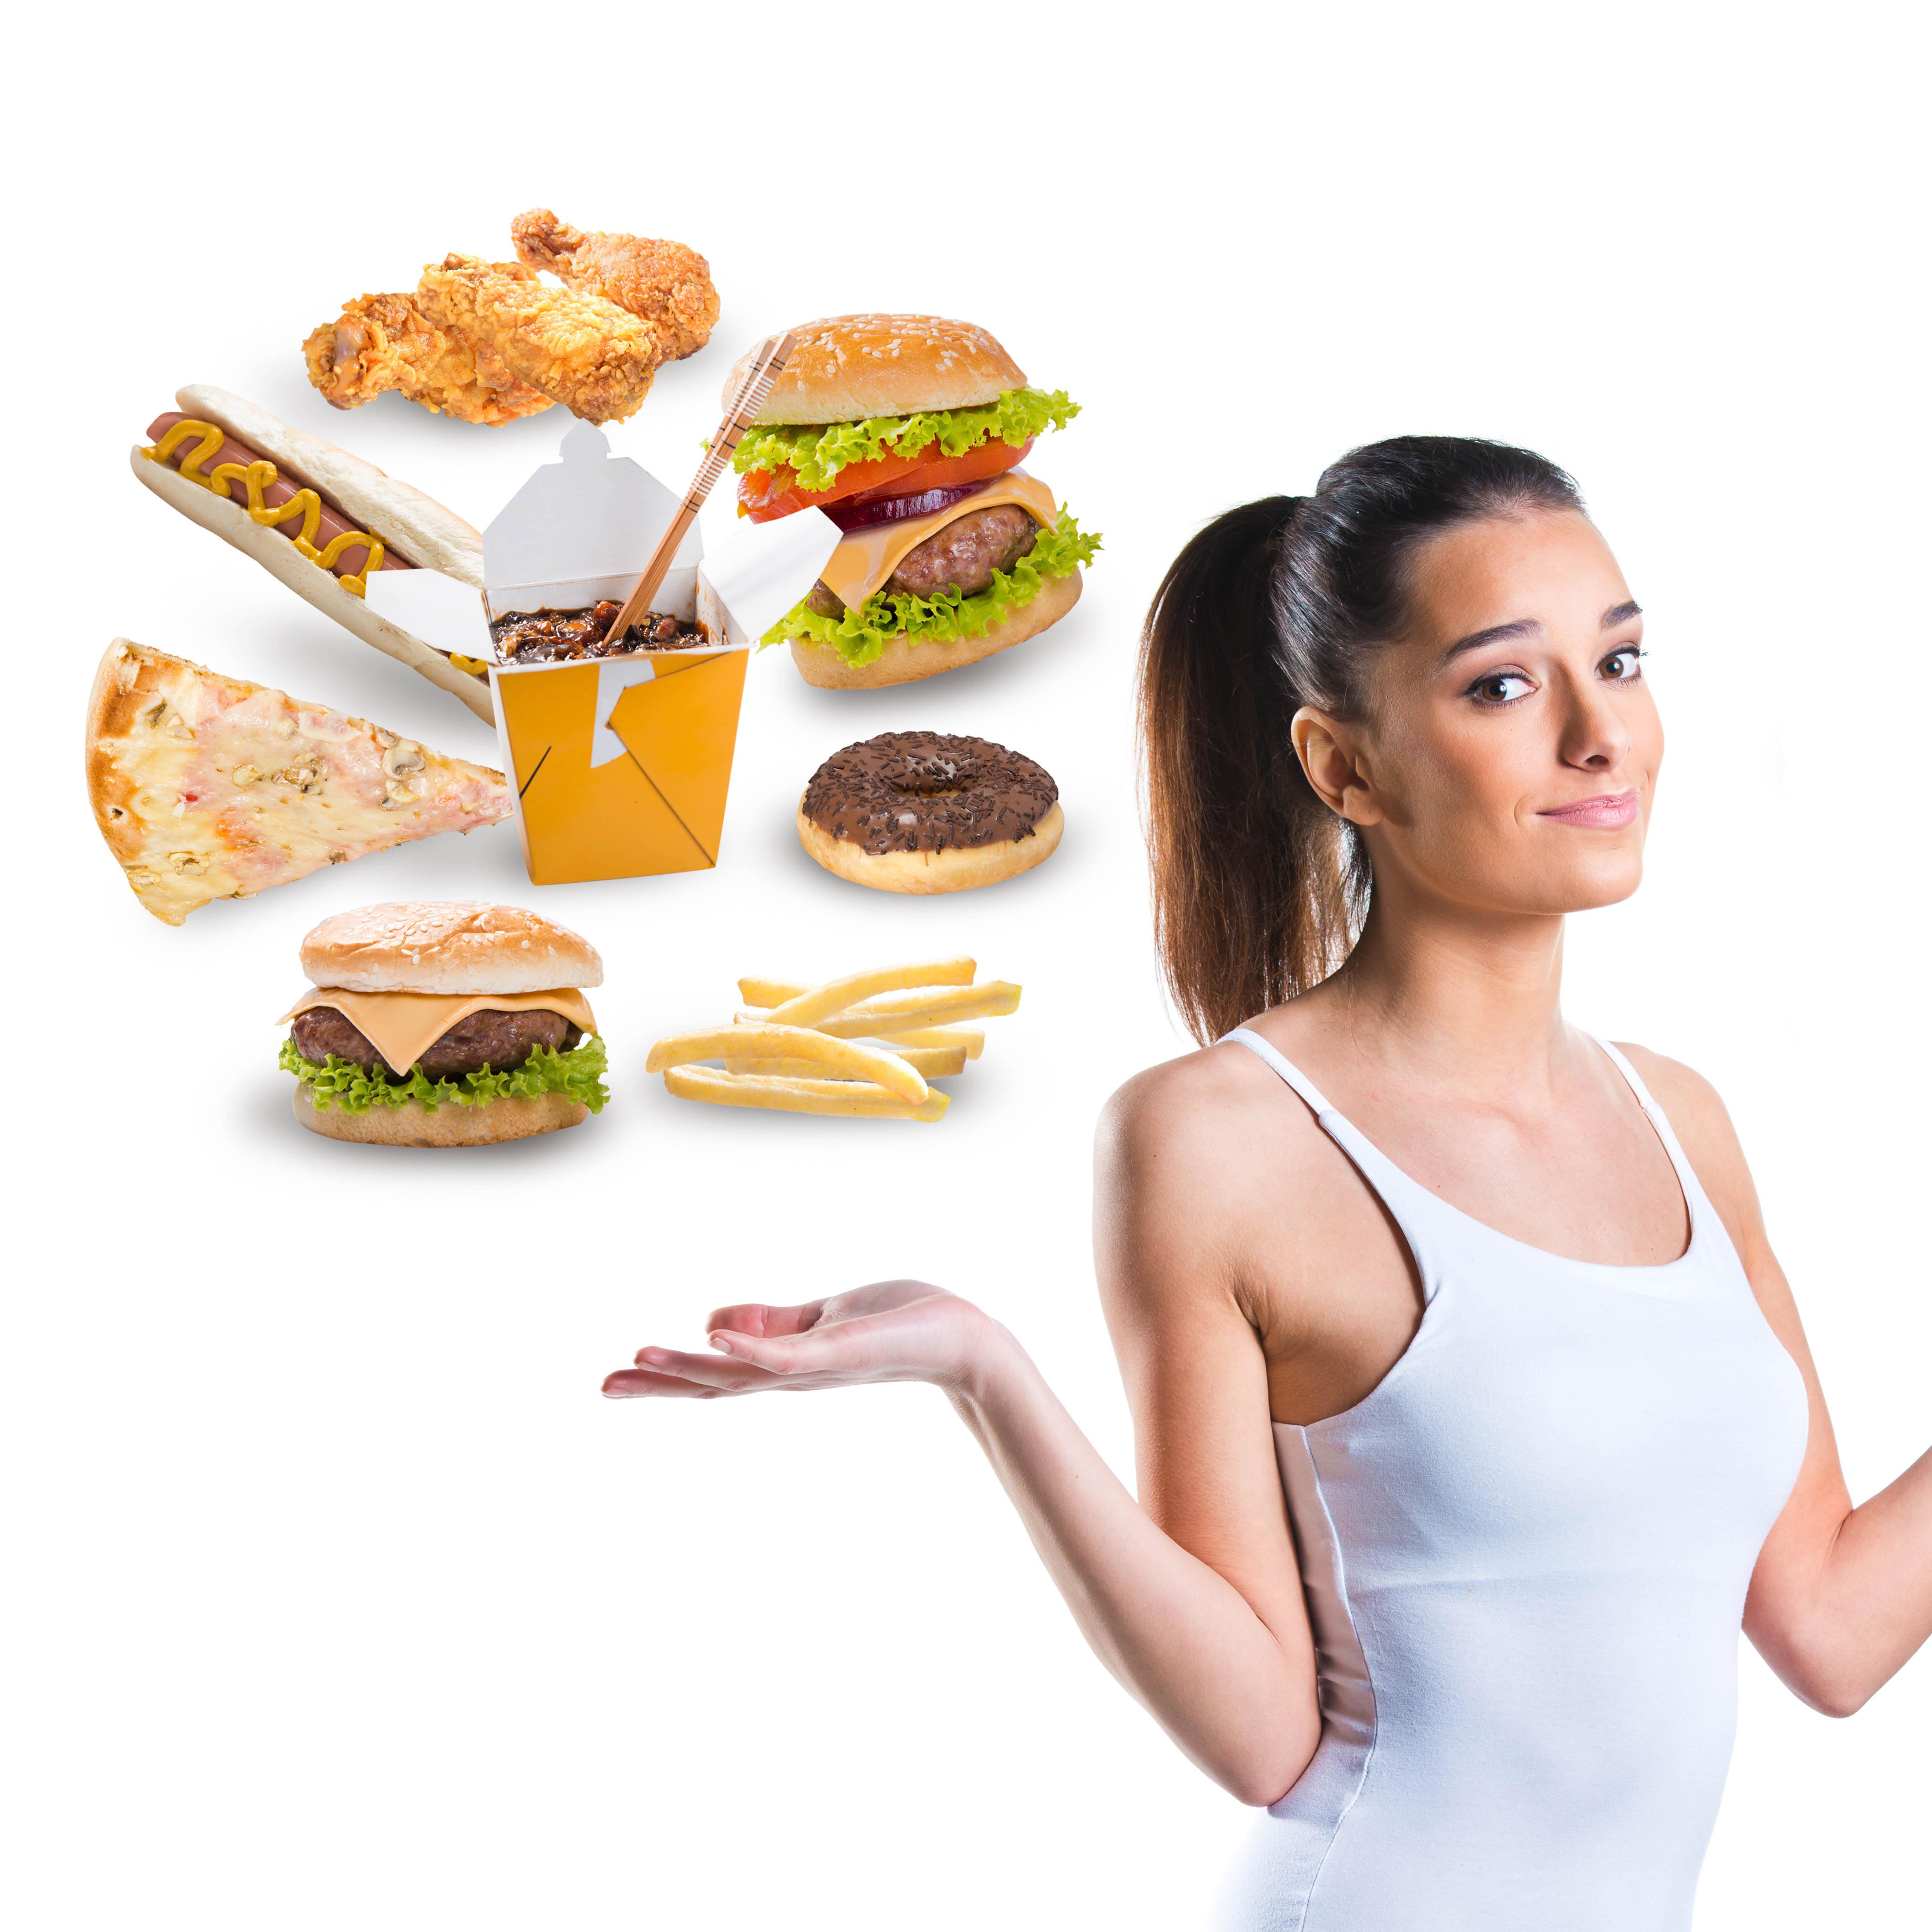 Как Похудеть Продукты Для Похудения. Какие продукты нужно есть, чтобы похудеть